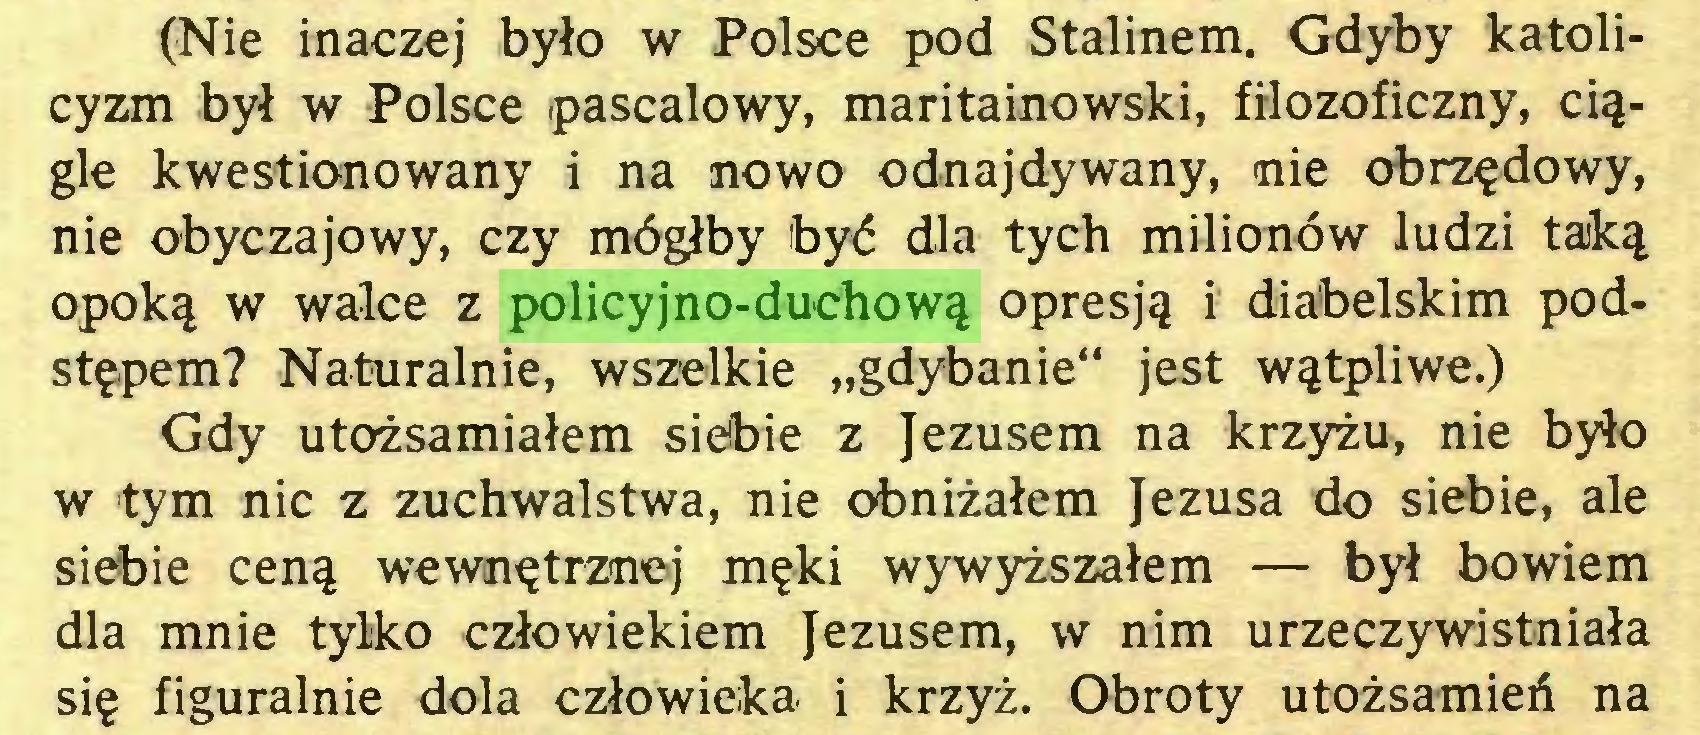 """(...) (Nie inaczej było w Polsce pod Stalinem. Gdyby katolicyzm był w Polsce pascalowy, maritainowski, filozoficzny, ciągle kwestionowany i na nowo odnajdywany, nie obrzędowy, nie obyczajowy, czy mógłby być dla tych milionów ludzi taką opoką w walce z policyjno-duchową opresją i diabelskim podstępem? Naturalnie, wszelkie """"gdybanie"""" jest wątpliwe.) Gdy utożsamiałem siebie z Jezusem na krzyżu, nie było w tym nic z zuchwalstwa, nie obniżałem Jezusa do siebie, ale siebie ceną wewnętrznej męki wywyższałem — był bowiem dla mnie tylko człowiekiem Jezusem, w nim urzeczywistniała się figuralnie dola człowieka i krzyż. Obroty utożsamień na..."""